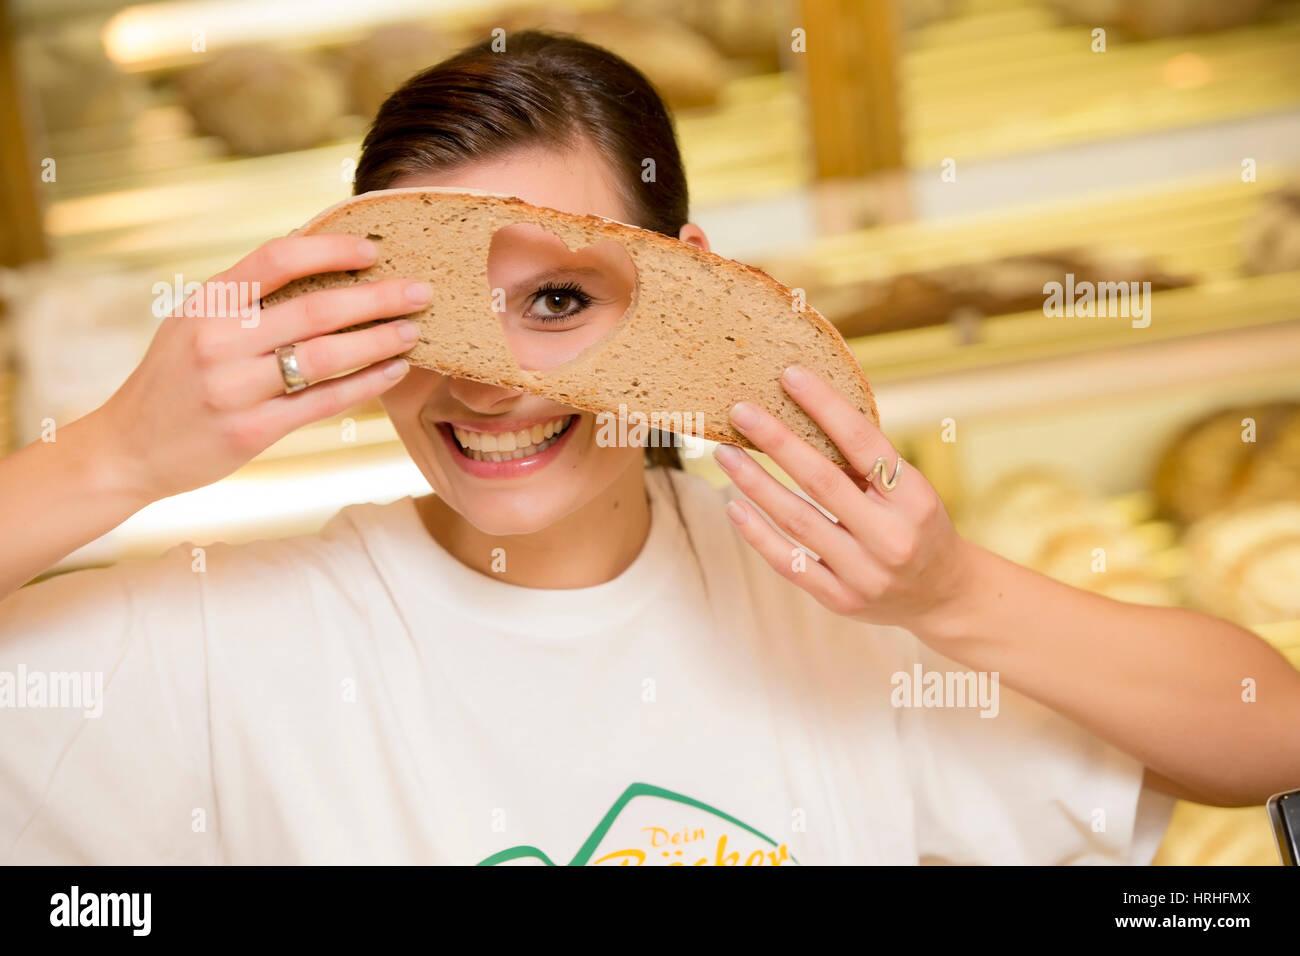 Angestellte in der Baeckerei - clerk in a bakery Stock Photo